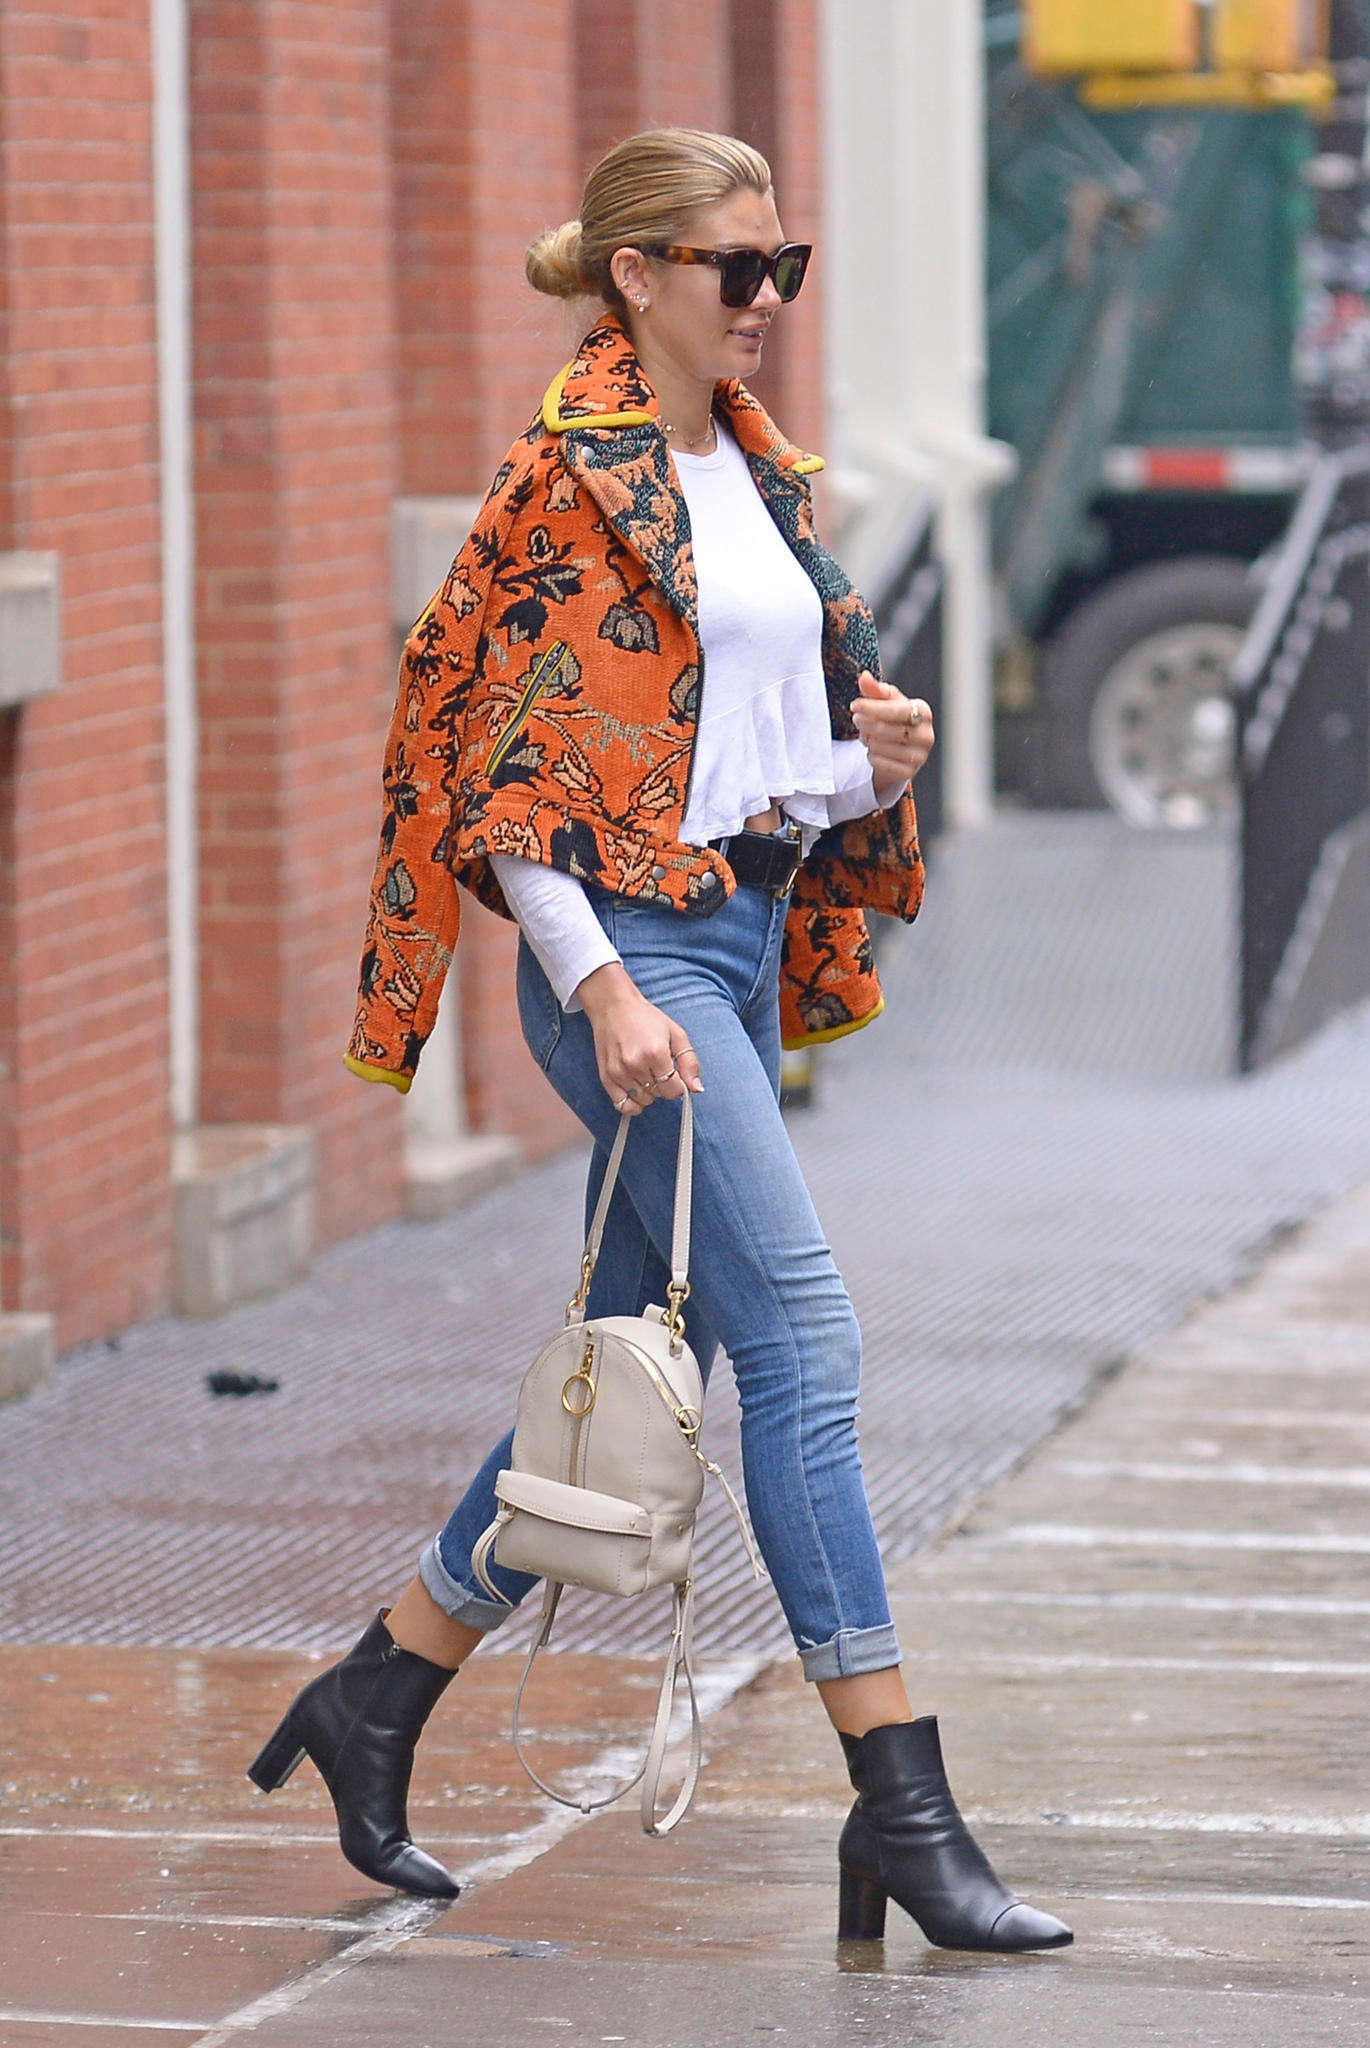 Model Shayna Taylor kombiniert eine orangene Statement-Jacke lässig mit einem weißen Basic-Shirt und Jeans